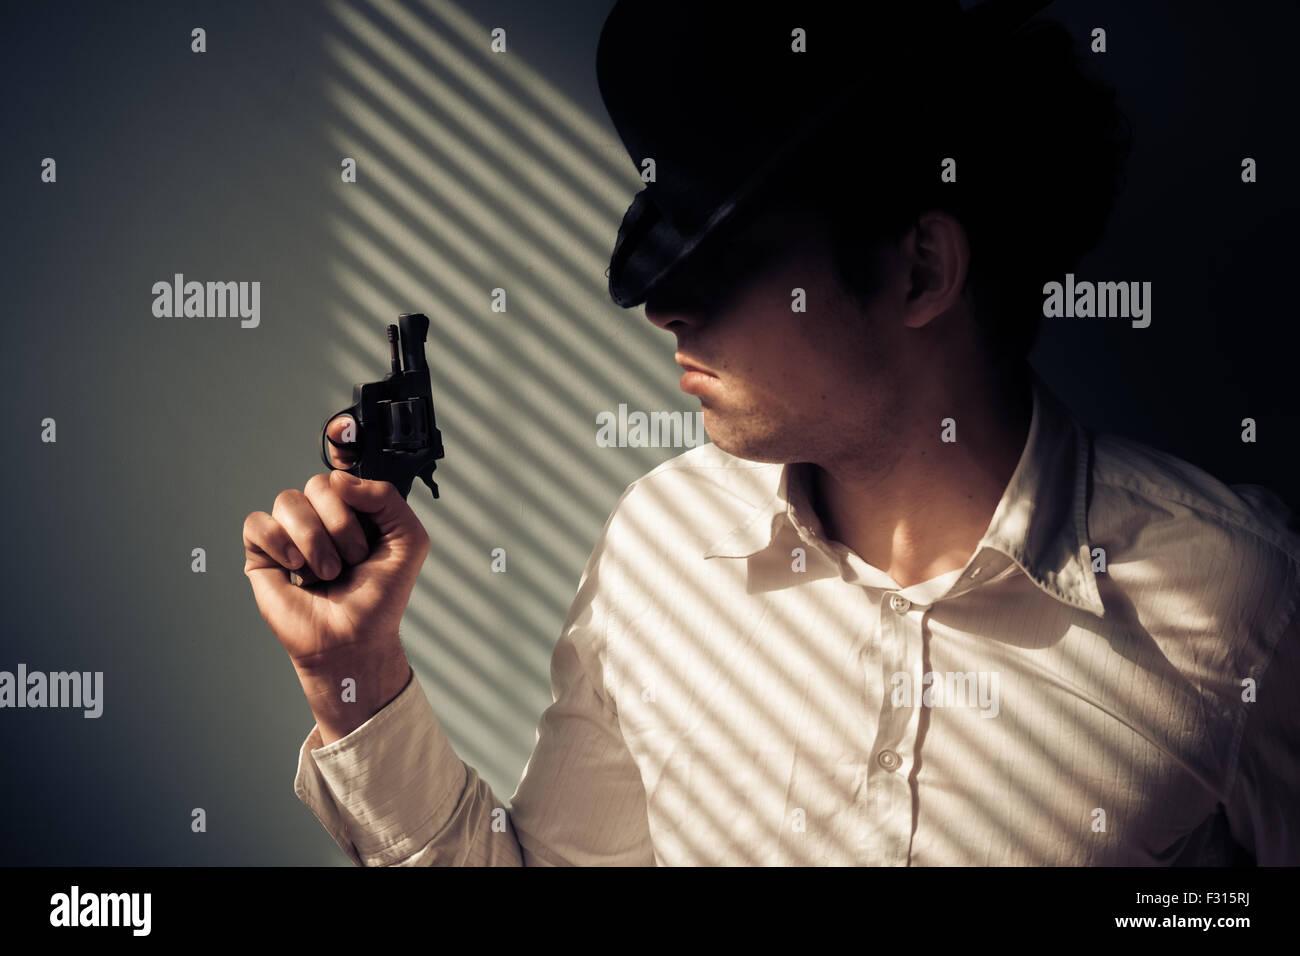 Jeune homme au fusil par la fenêtre est couverte dans l'ombre de l'blinds Photo Stock